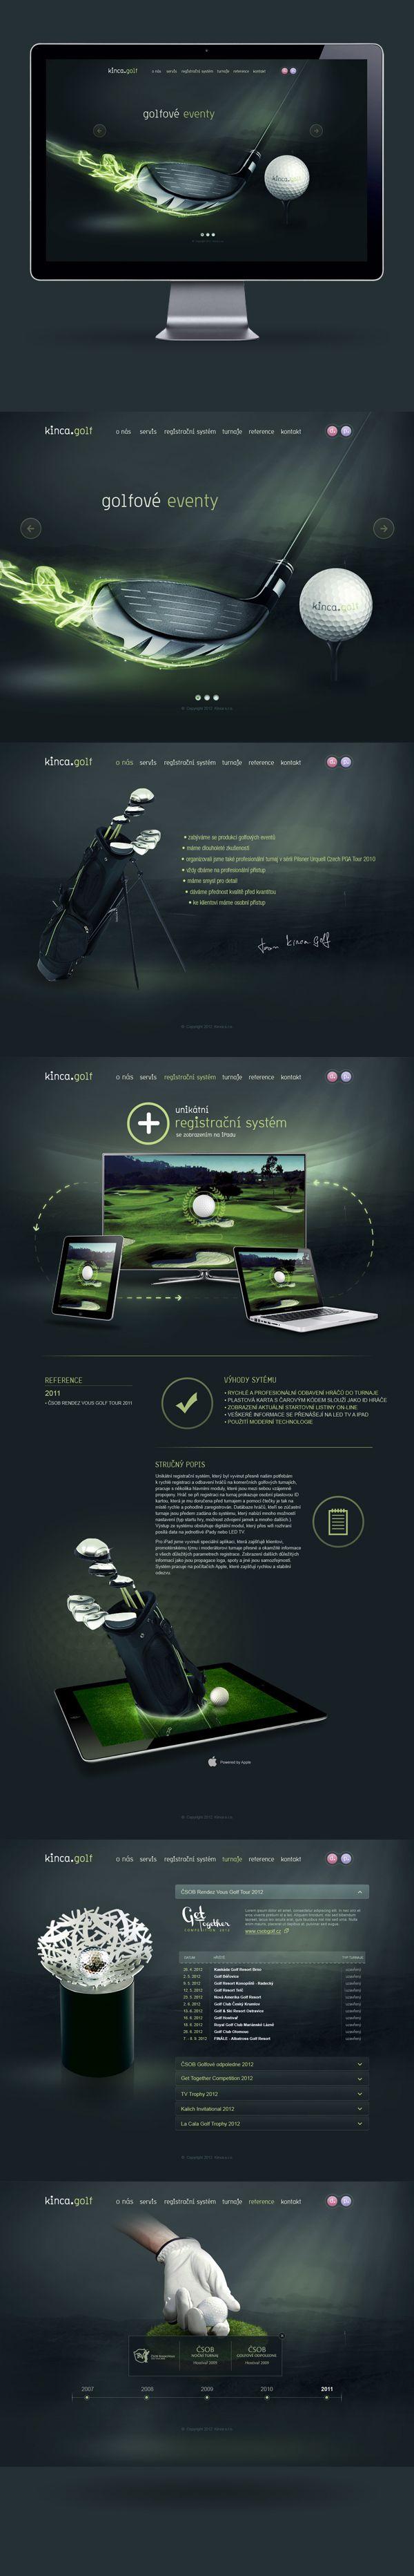 kinca.golf on Web Design Served repinned by www.BlickeDeeler.de